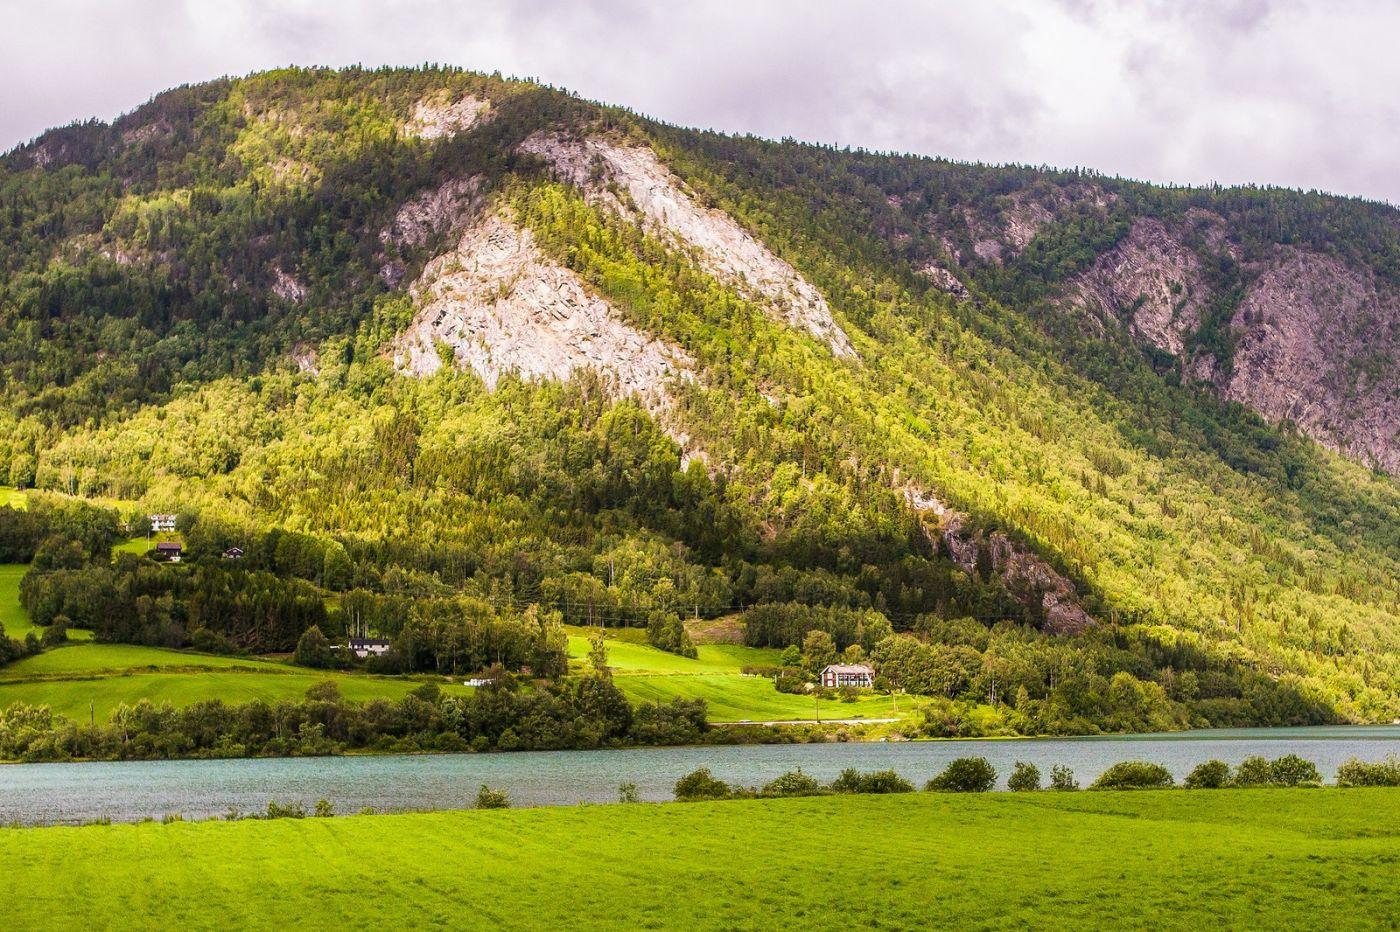 北欧风光,风景美如画_图1-6